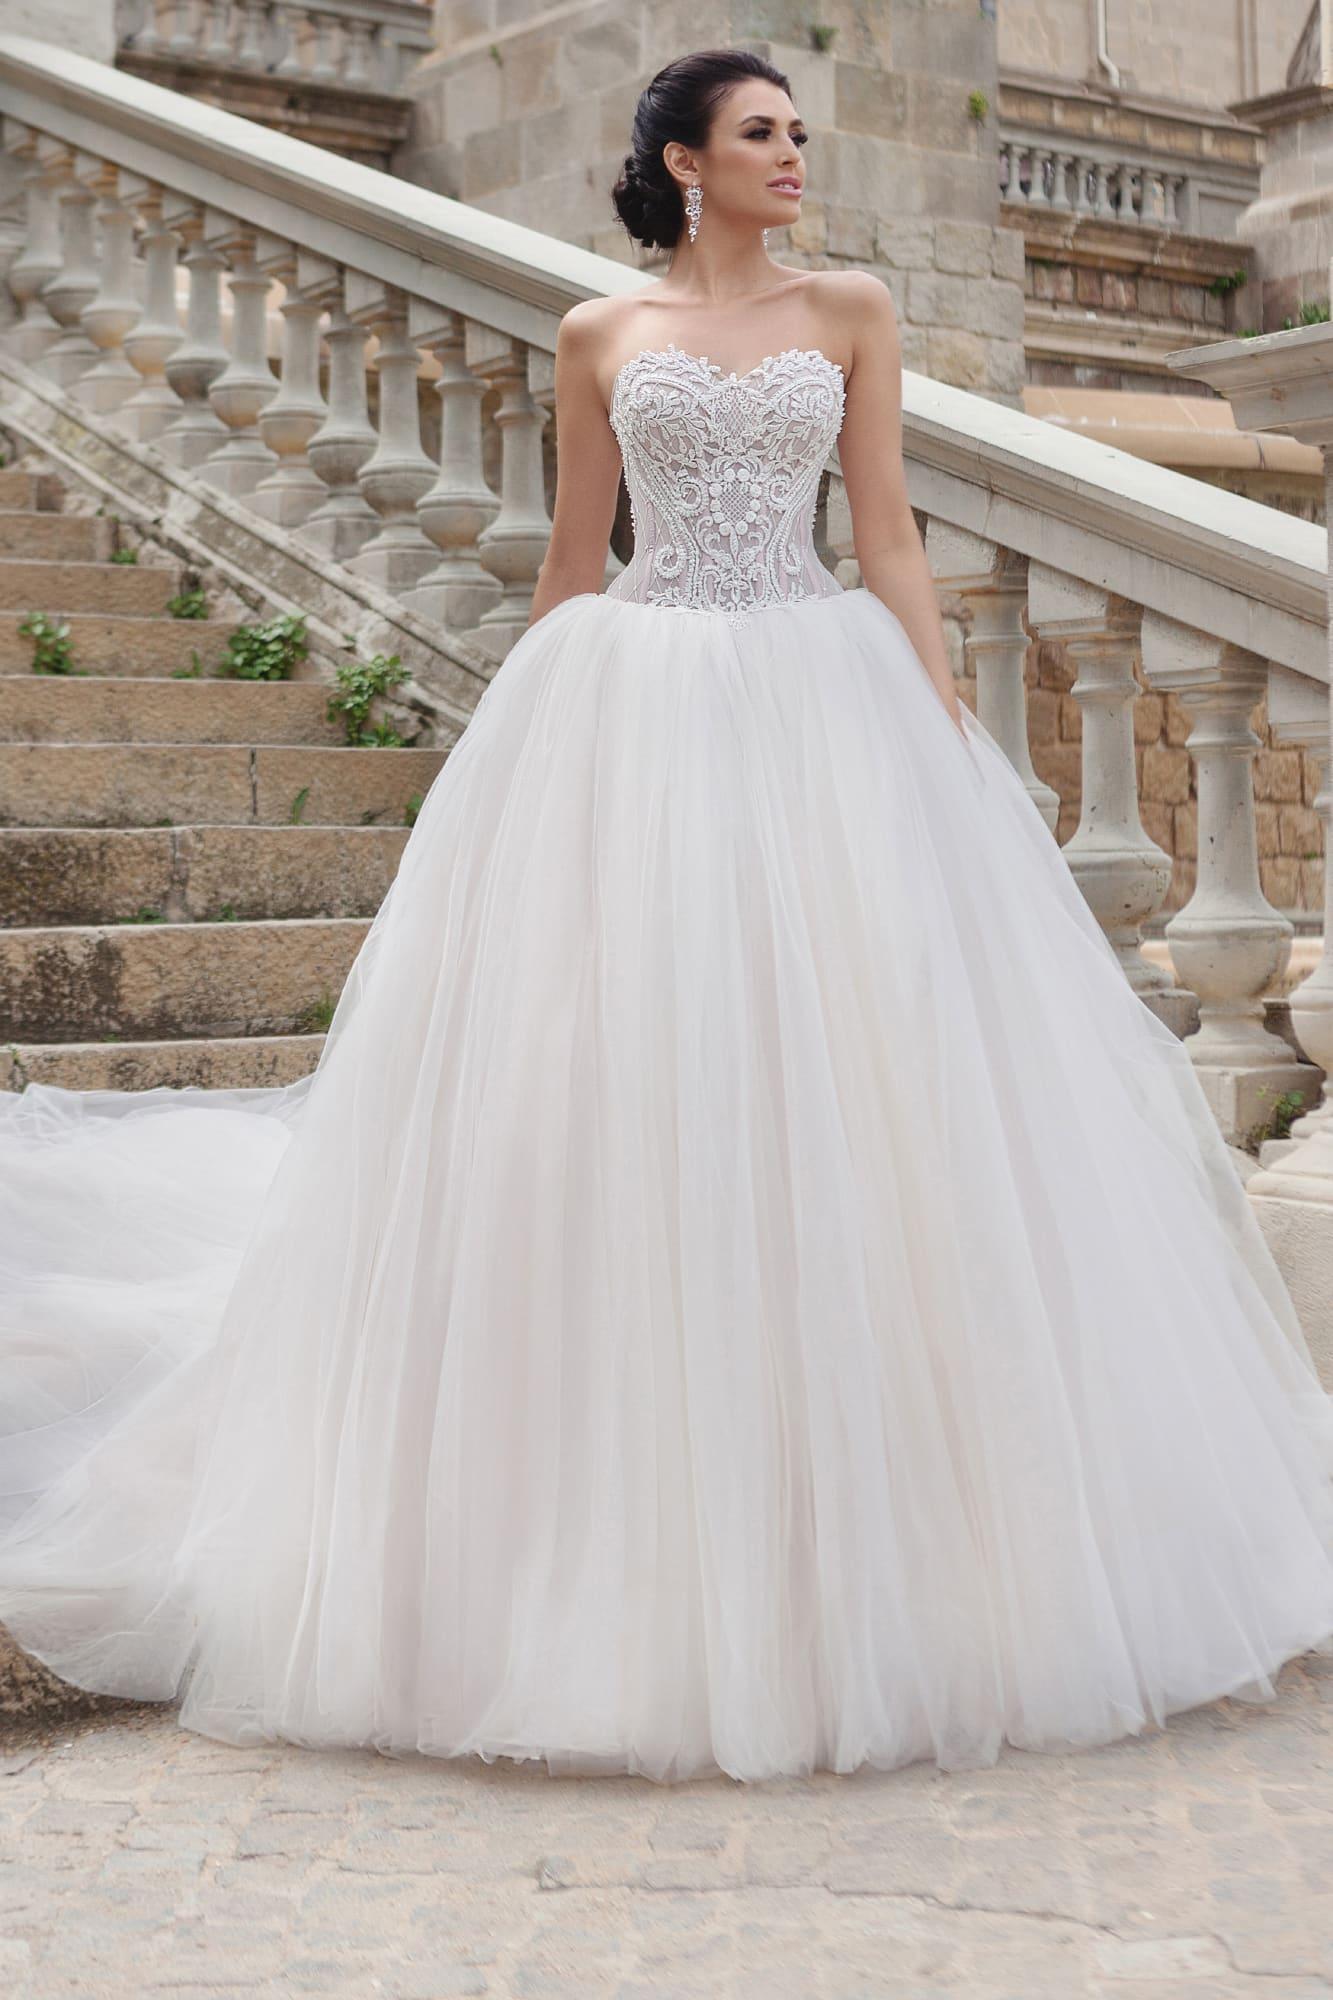 dba9f8ba6c68fcc Свадебное платье пышного кроя с открытым кружевным корсетом и шлейфом.